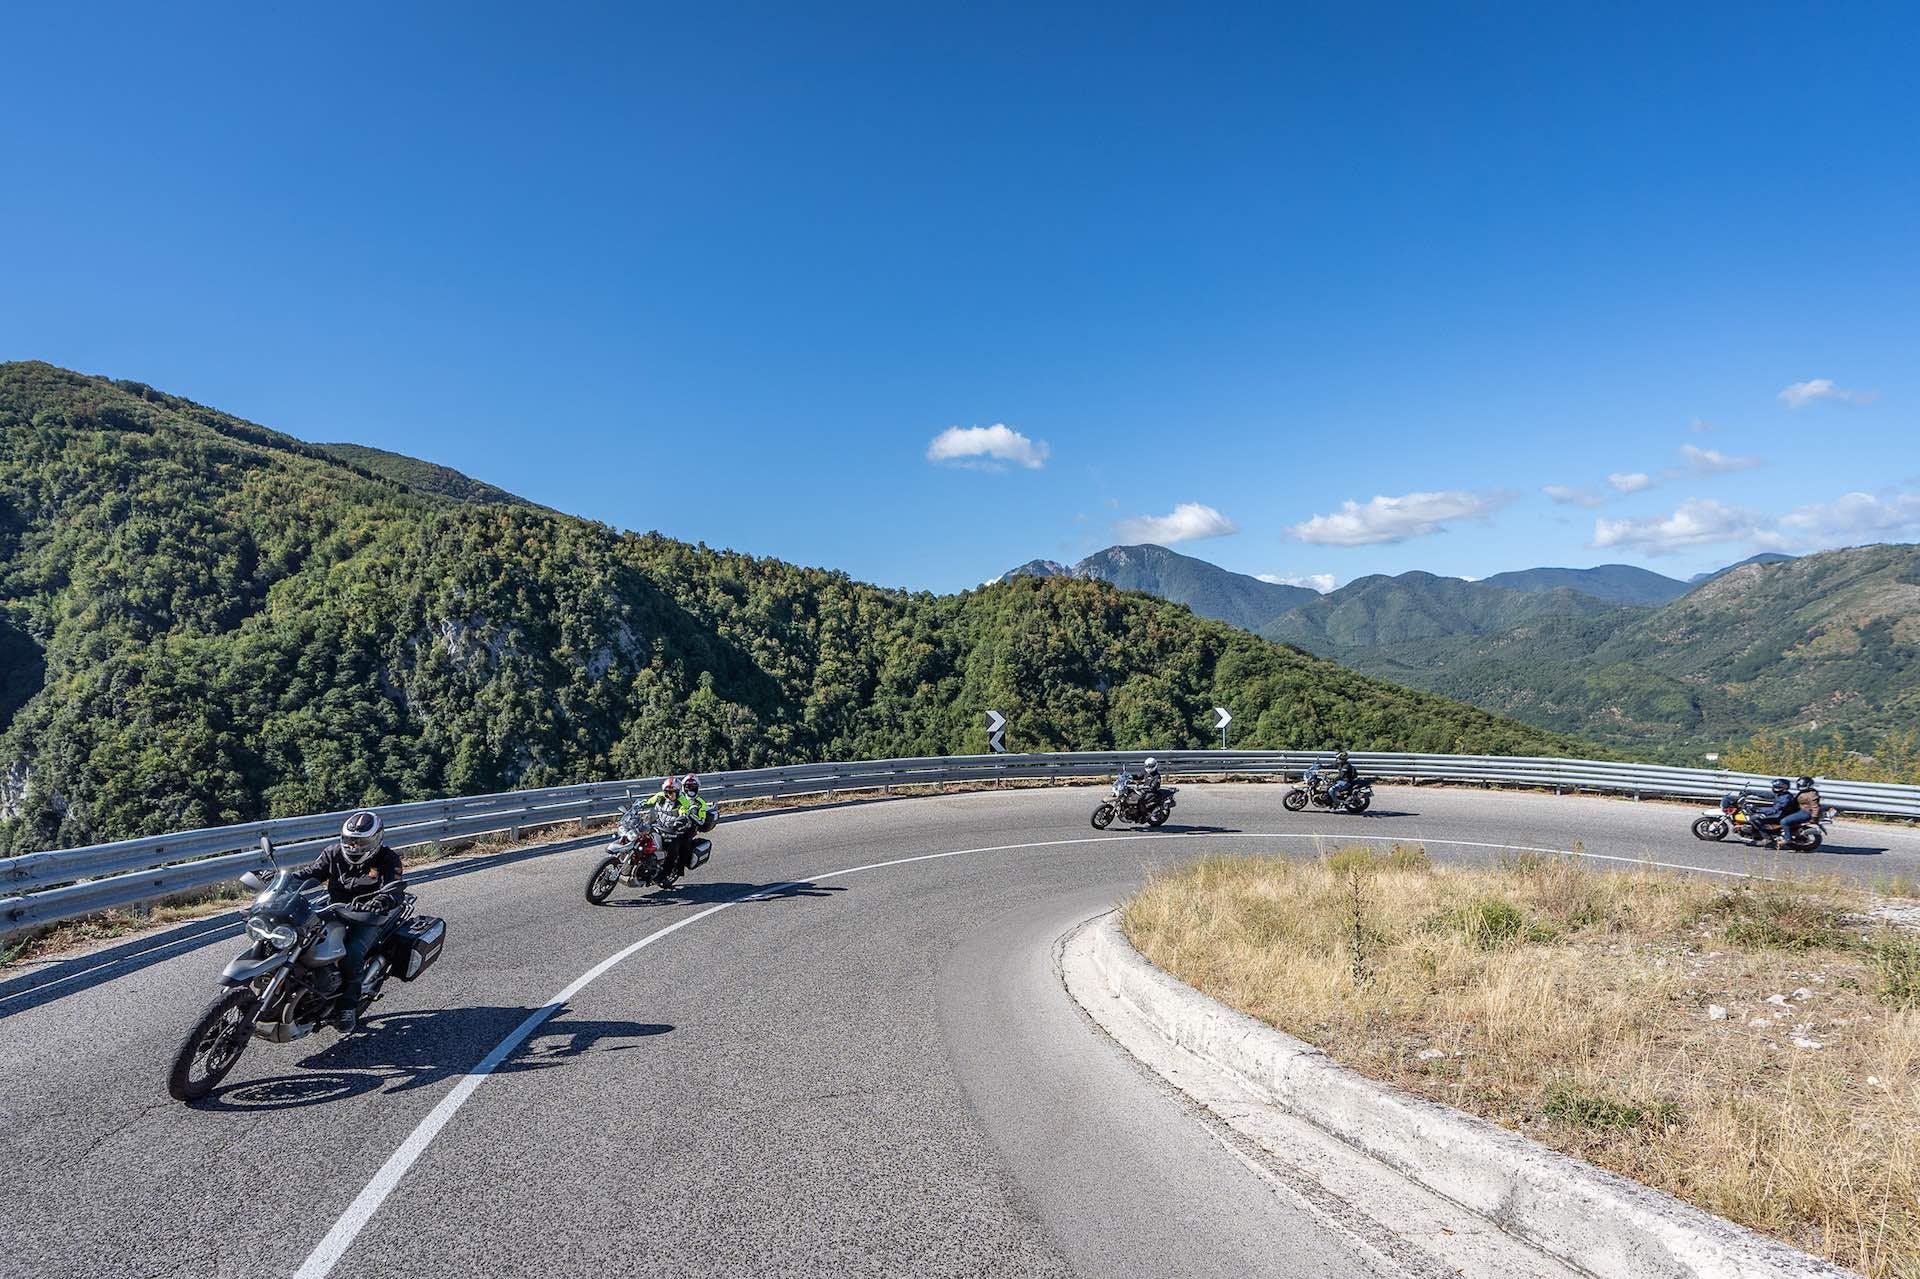 Motociclisti in piega lungo le curve delle tappe del Moto Guzzi Experience.